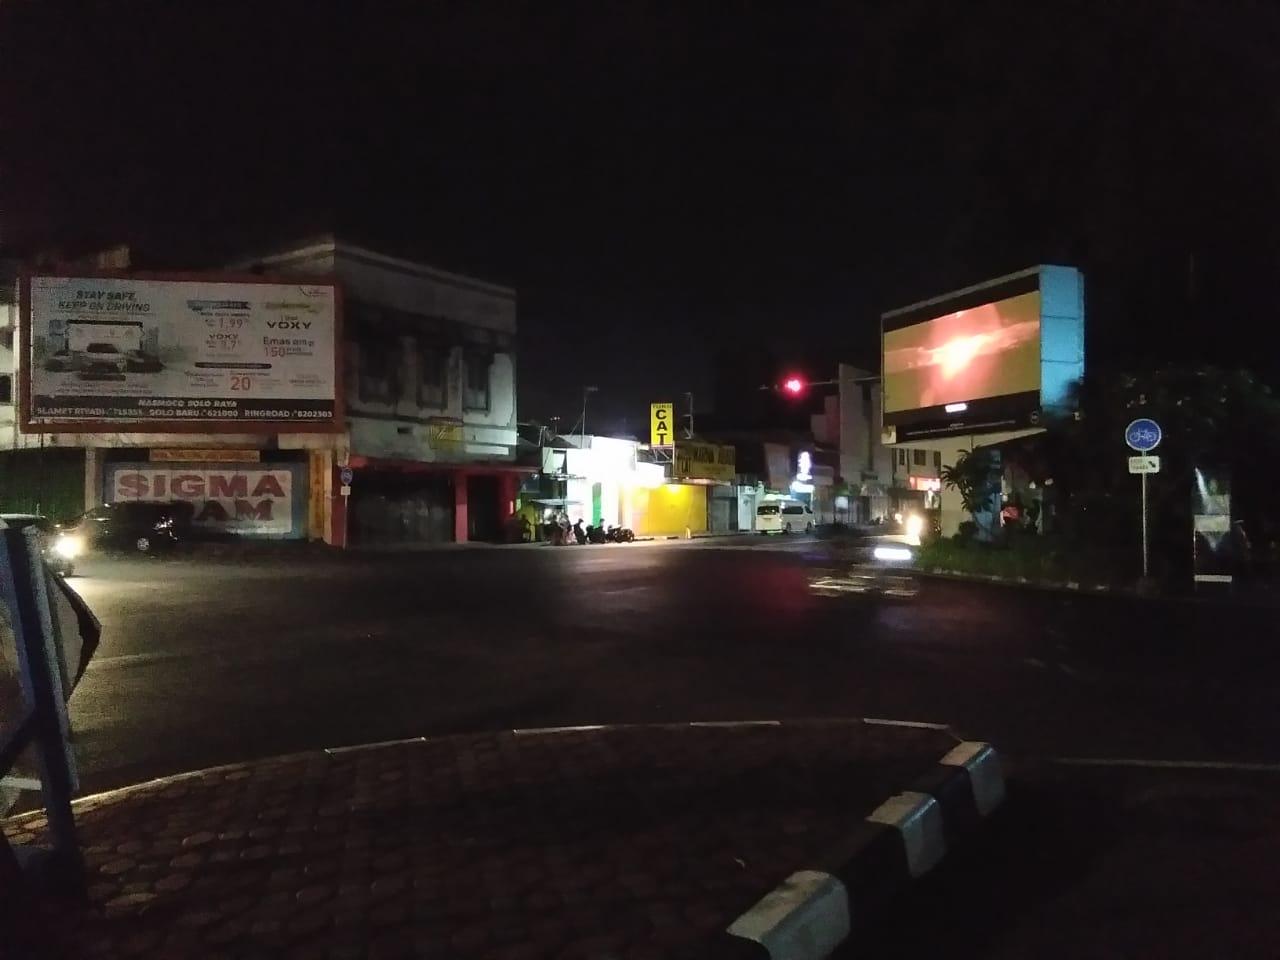 Pergantian Tahun Tinggal Menghitung Jam, Jalanan Kota Solo Sepi